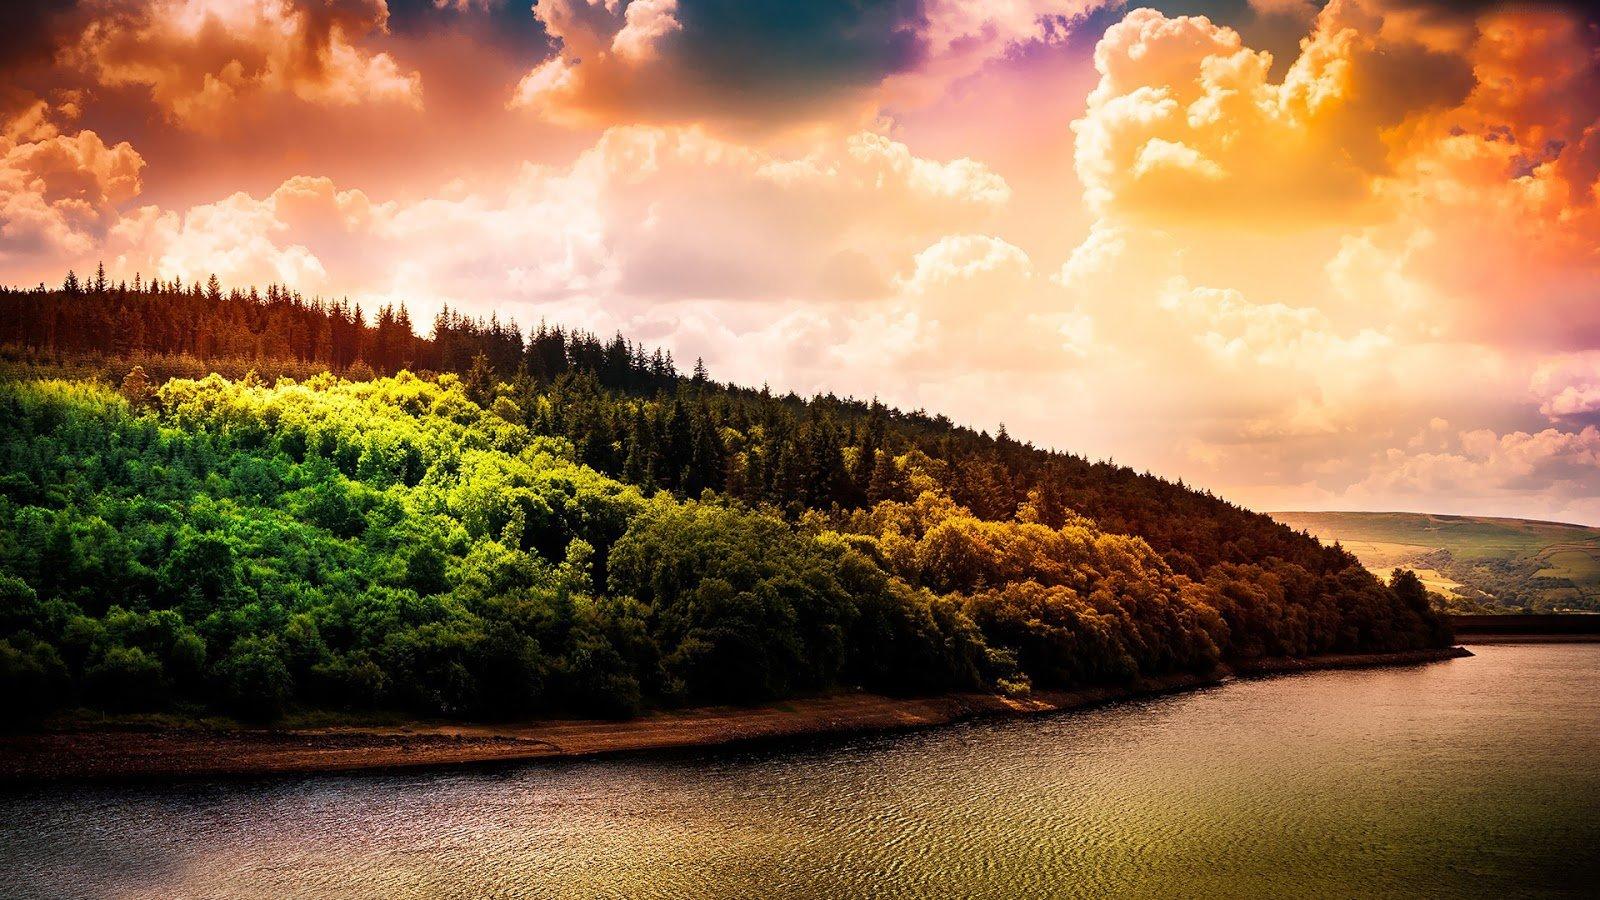 Nature Beautiful Wallpaper Full Hd